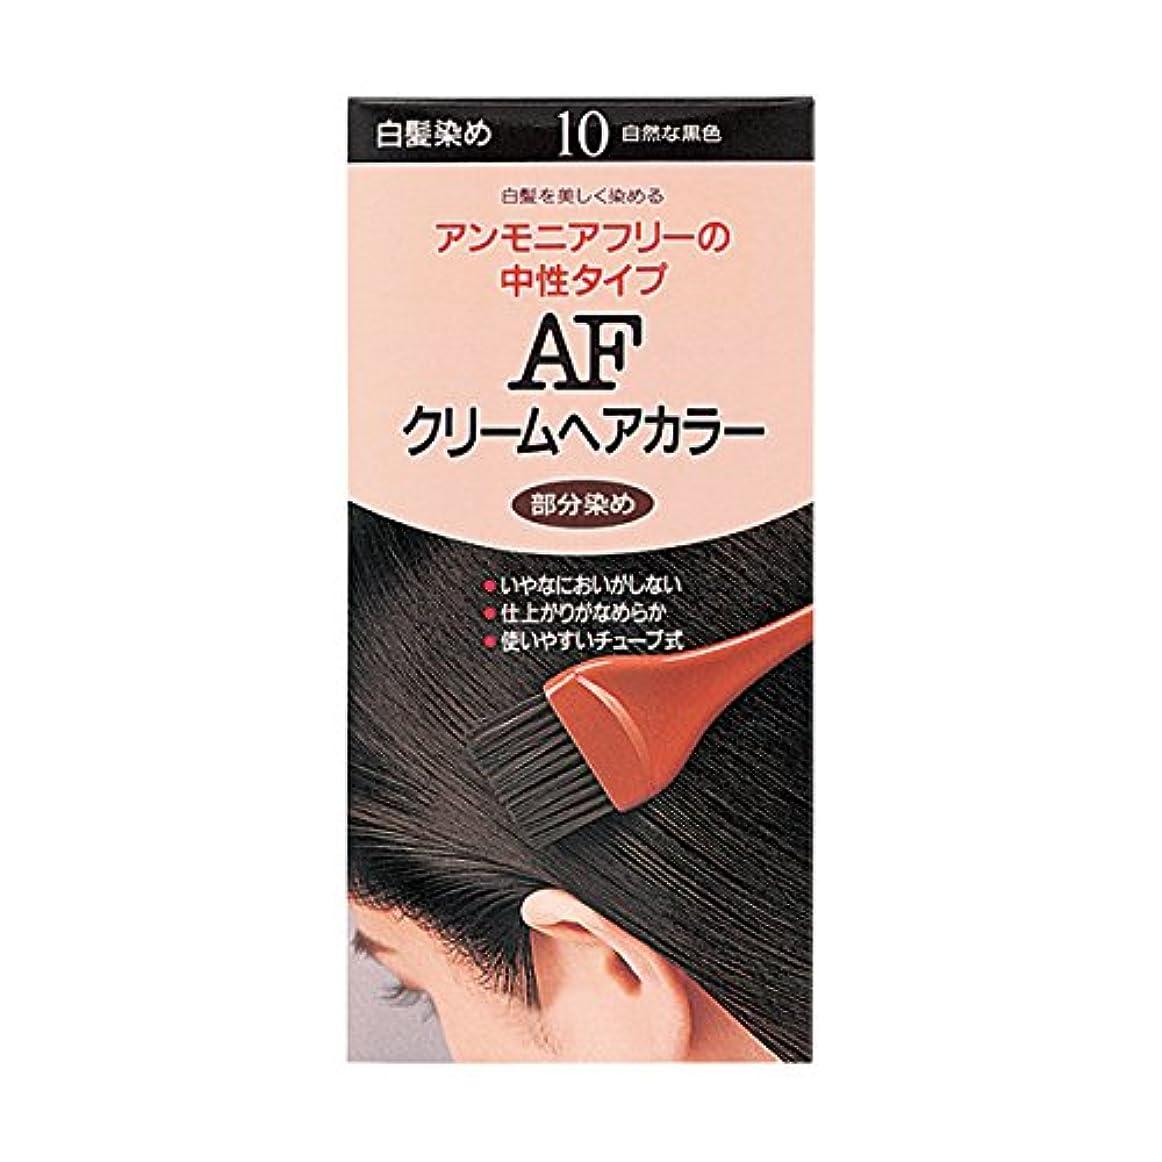 痛いなのでパンダヘアカラー AFクリームヘアカラー 10 【医薬部外品】